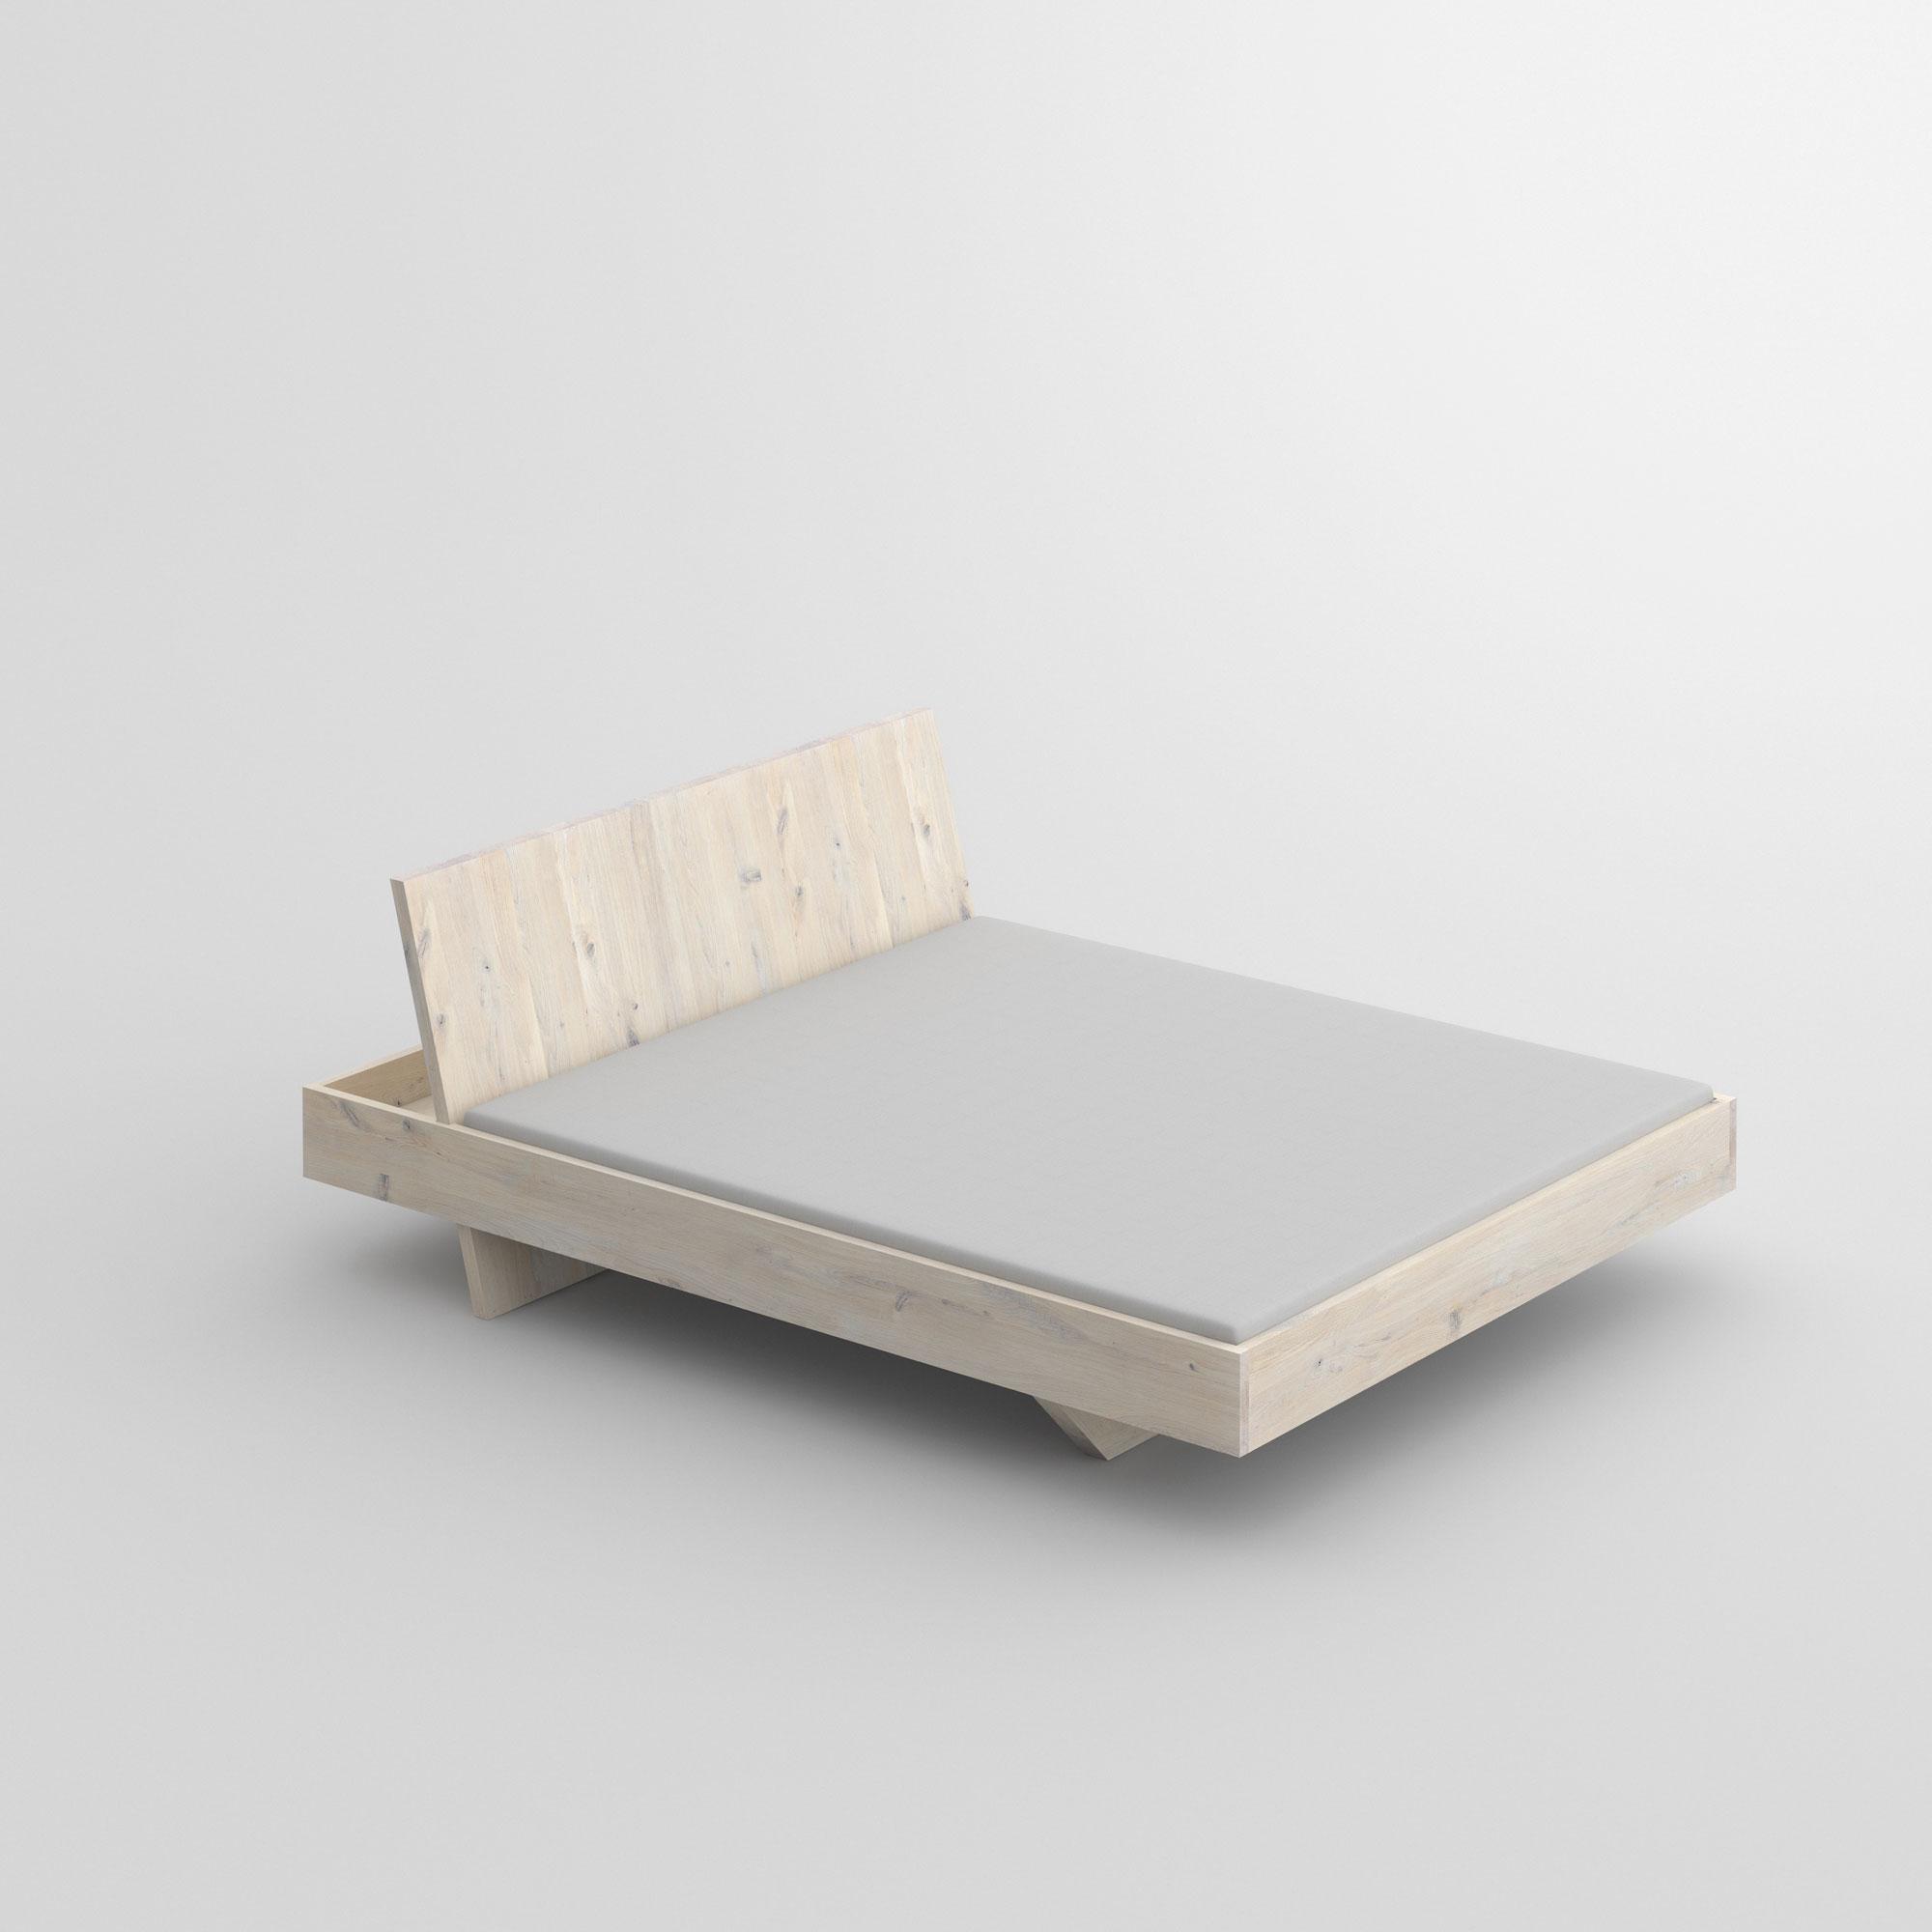 Design Massivholzbett SOMNIA Maßgefertigt aus Massivholz von vitamin design